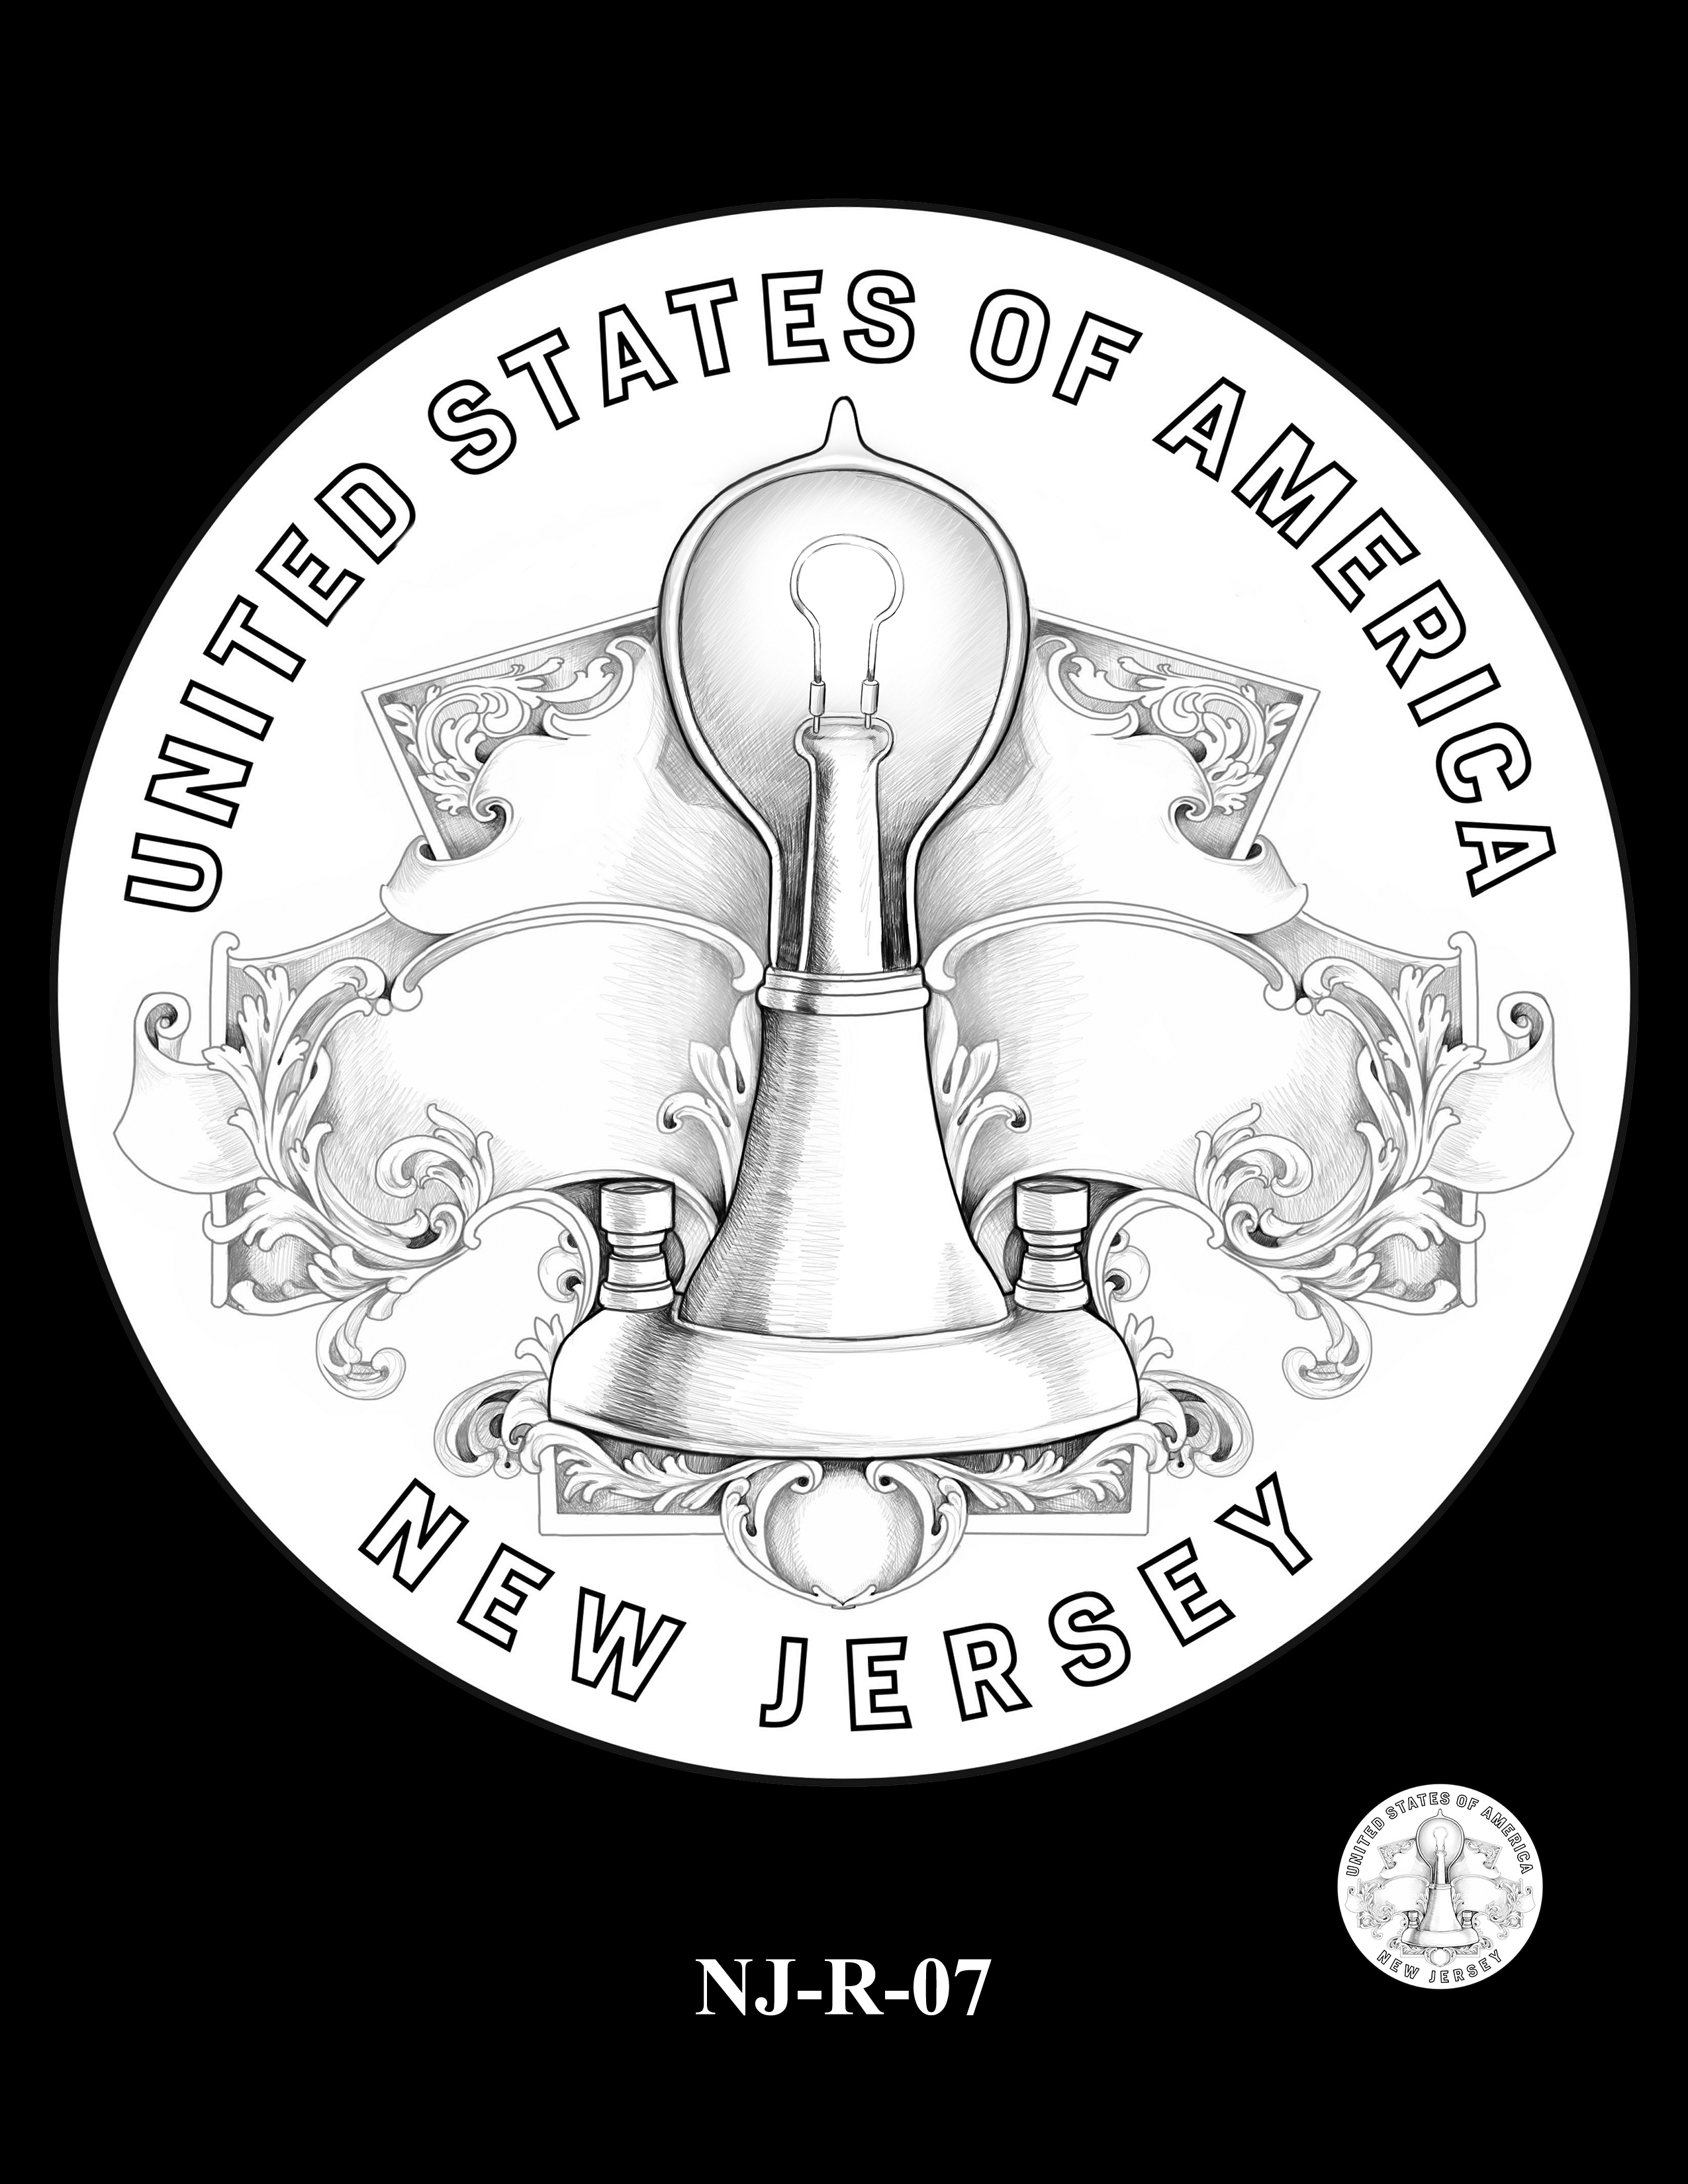 NJ-R-07 -- 2019 American Innovation $1 Coin Program